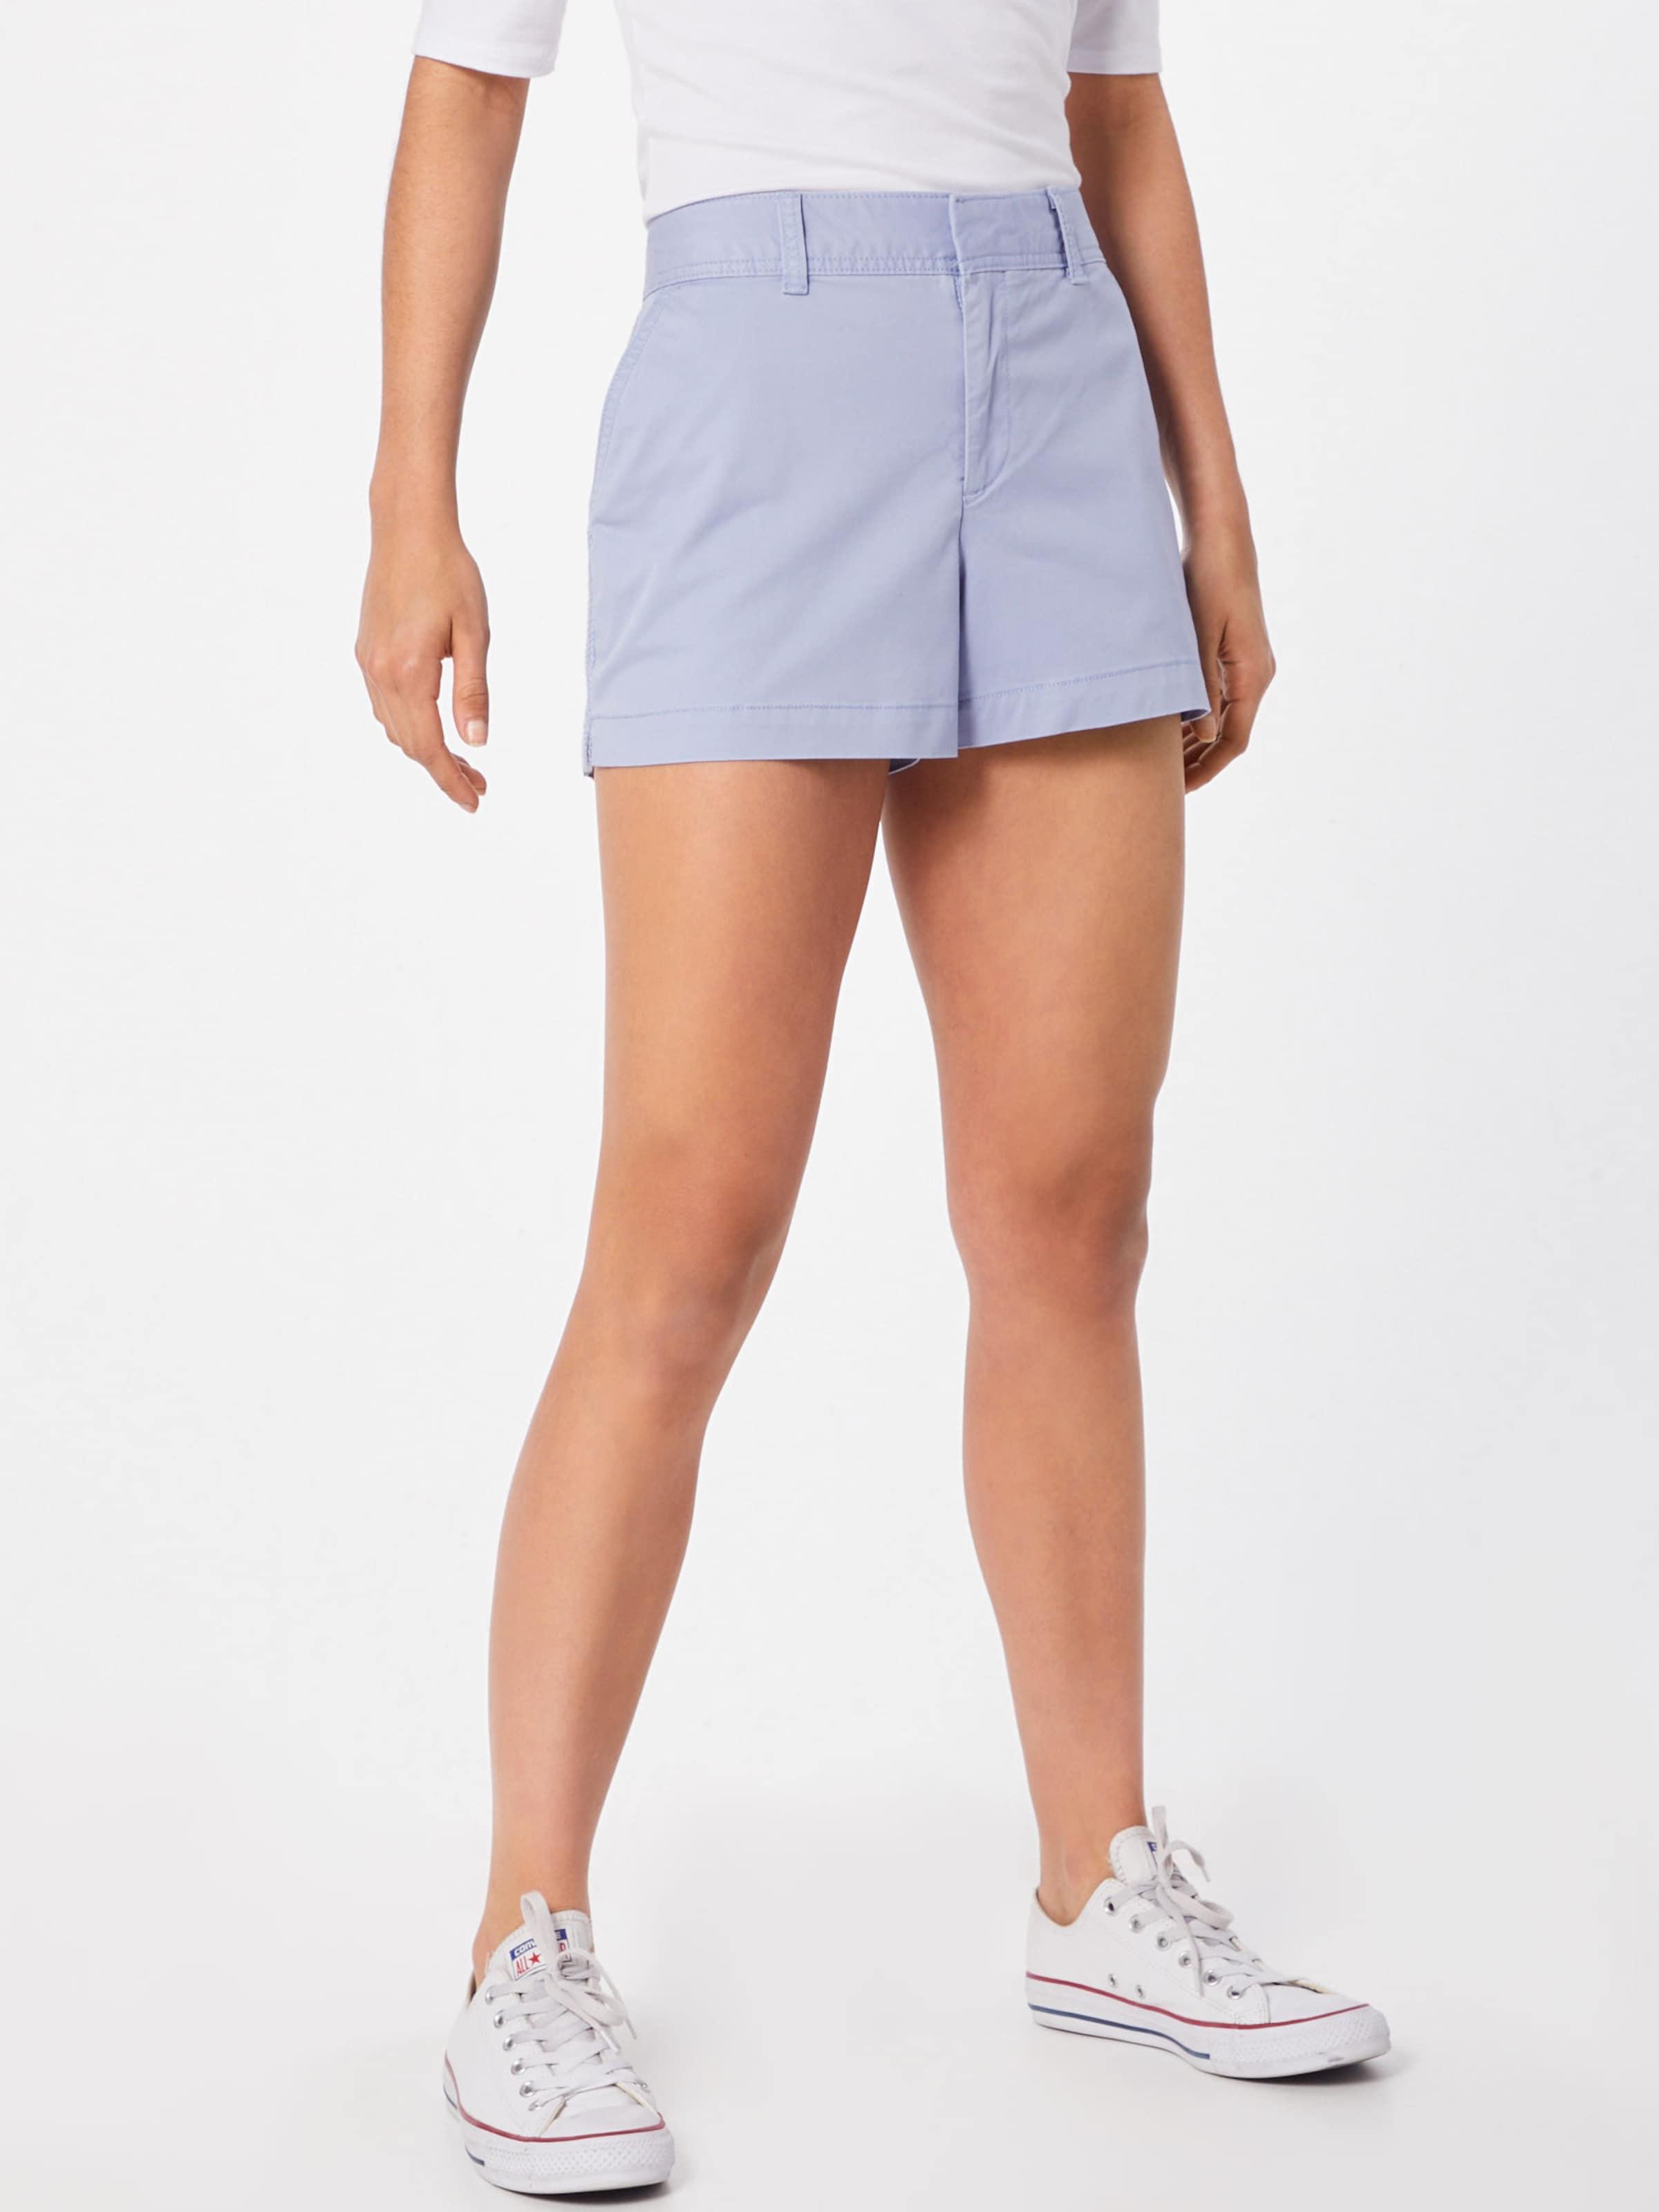 Bleu En Embroidery' Y76gfyb Pantalon Short Gap 'city lcJK1F